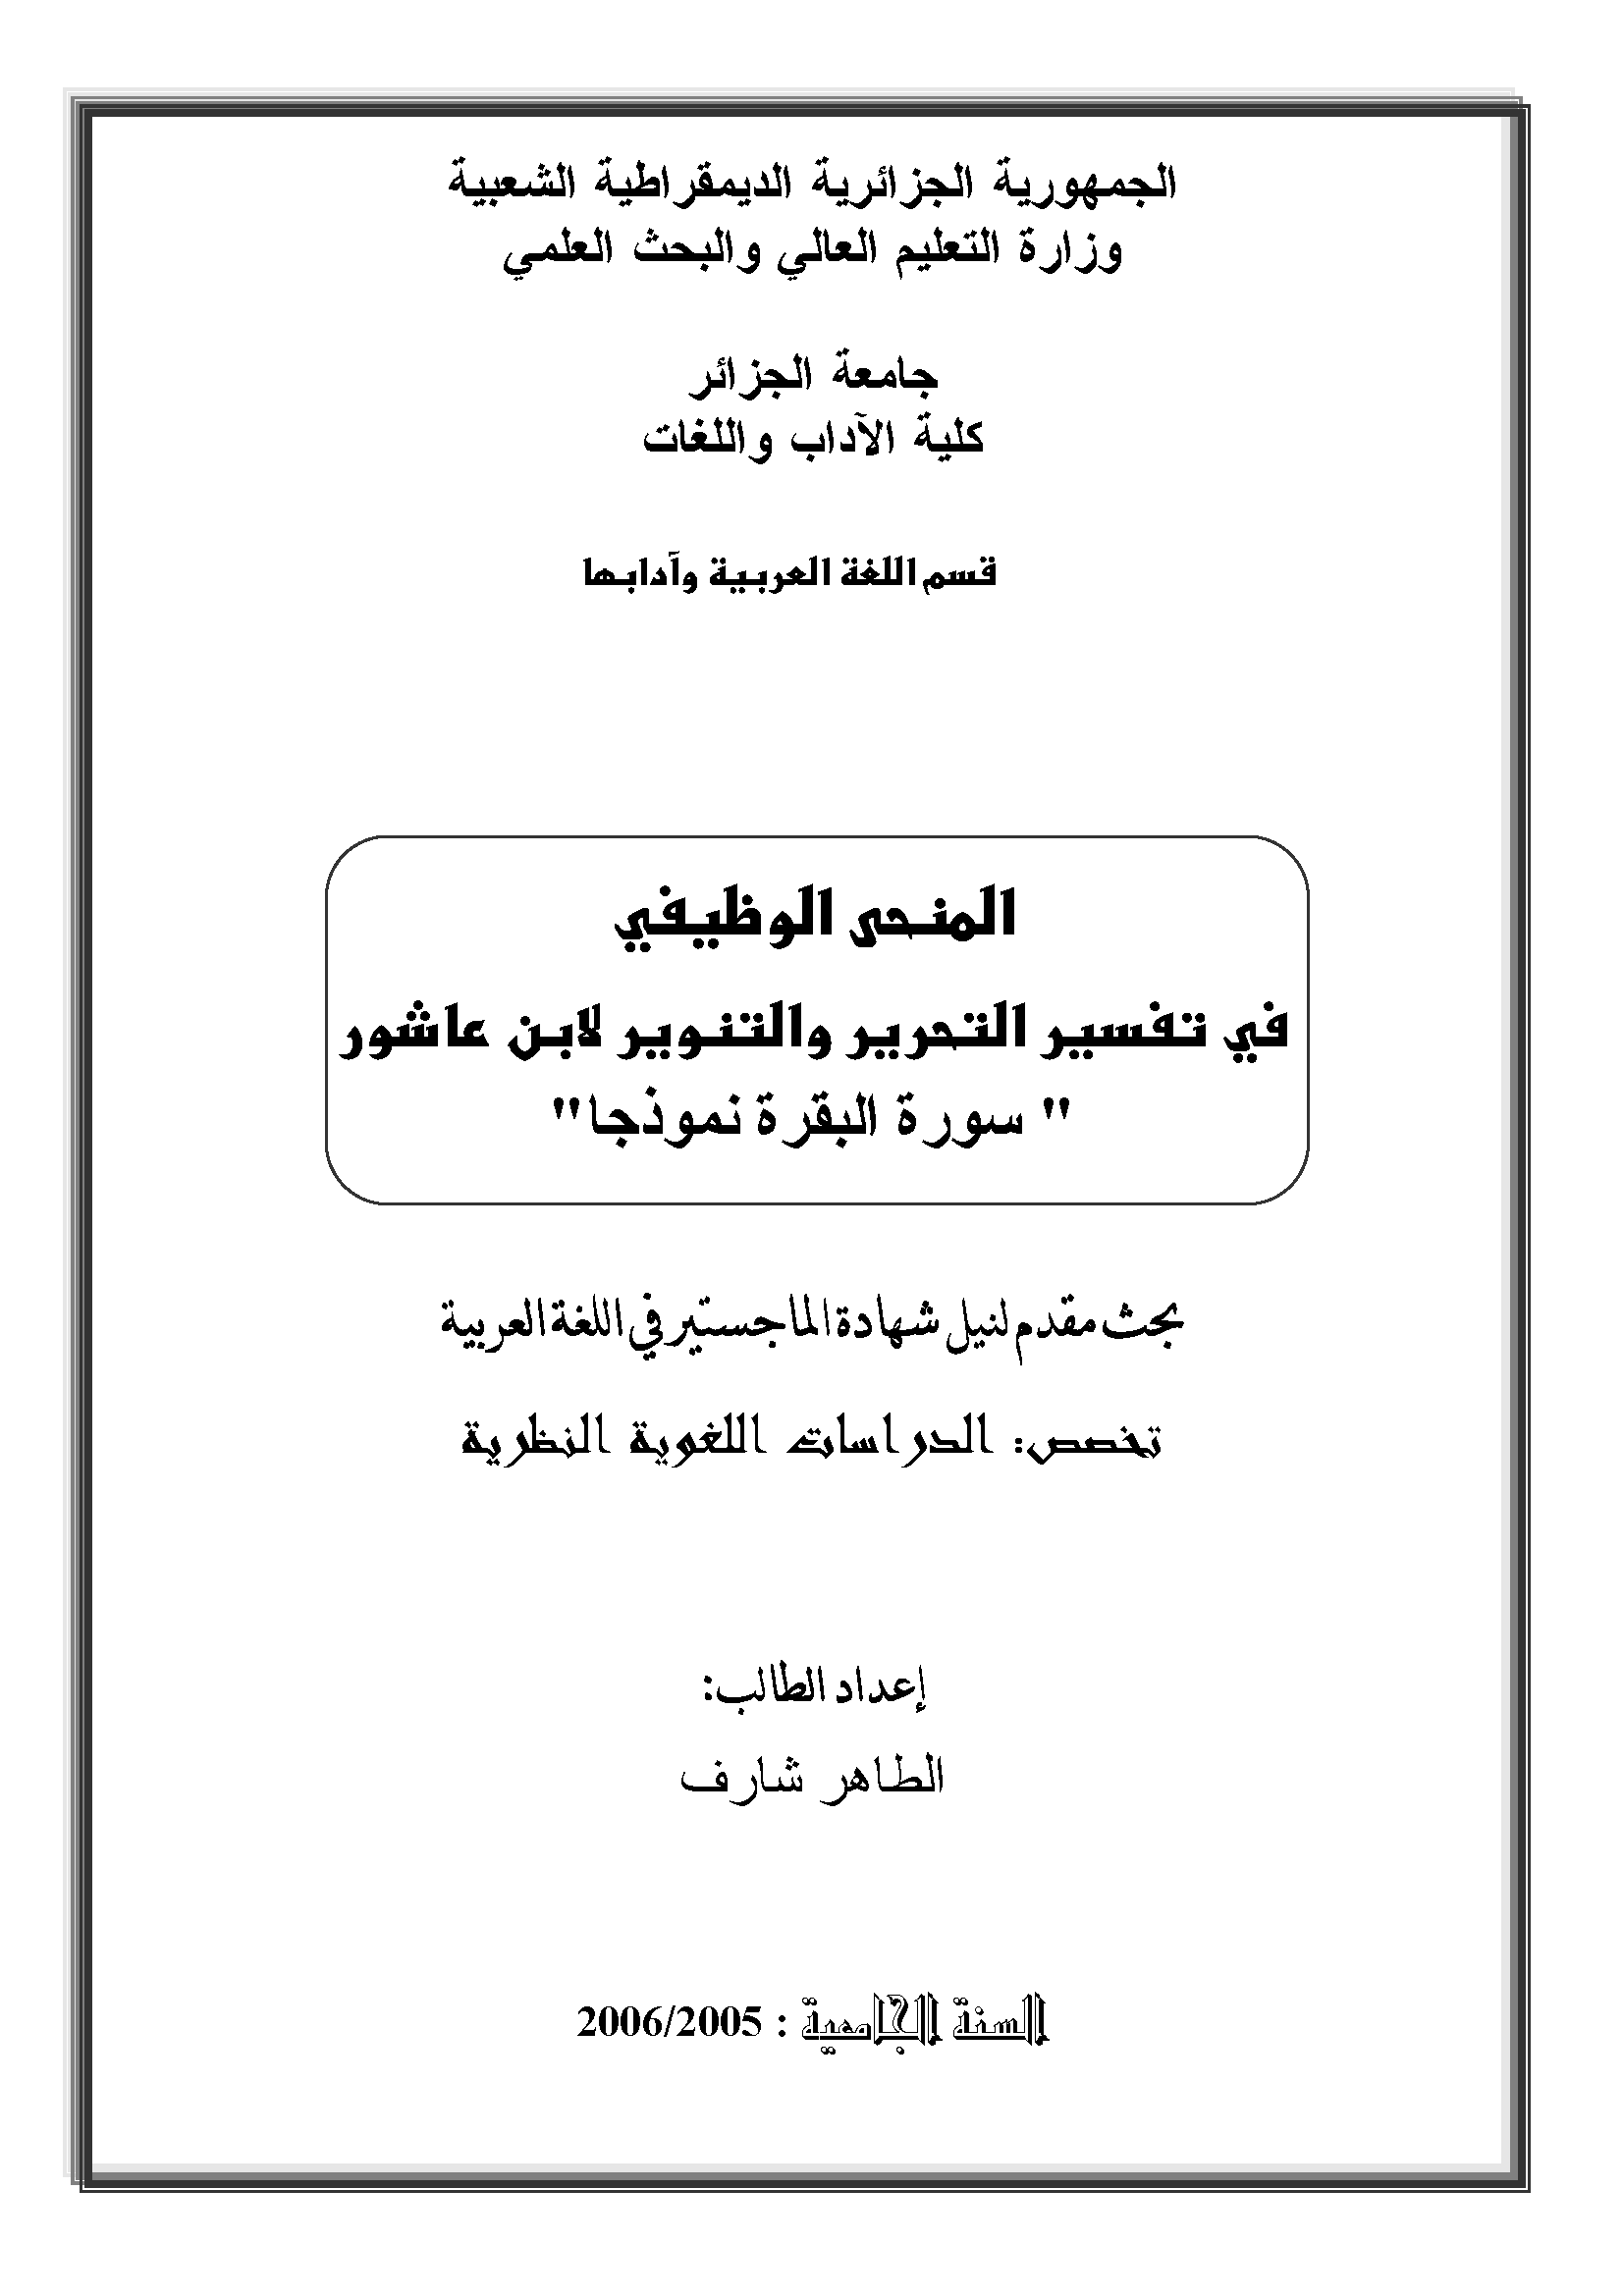 كتاب التحرير والتنوير لابن عاشور pdf